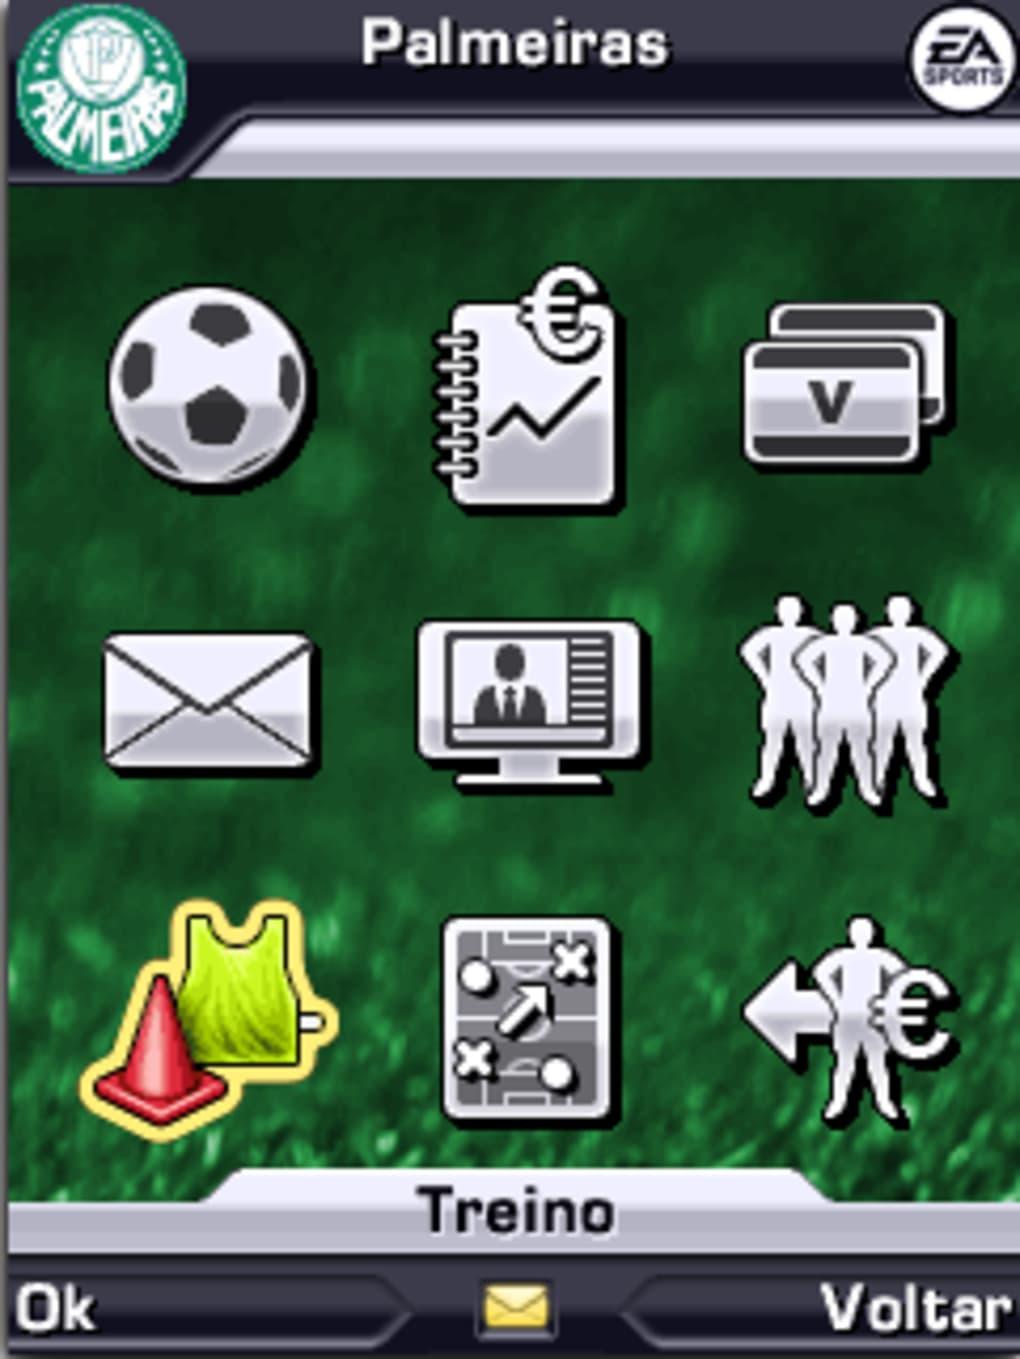 symbian fifa 12